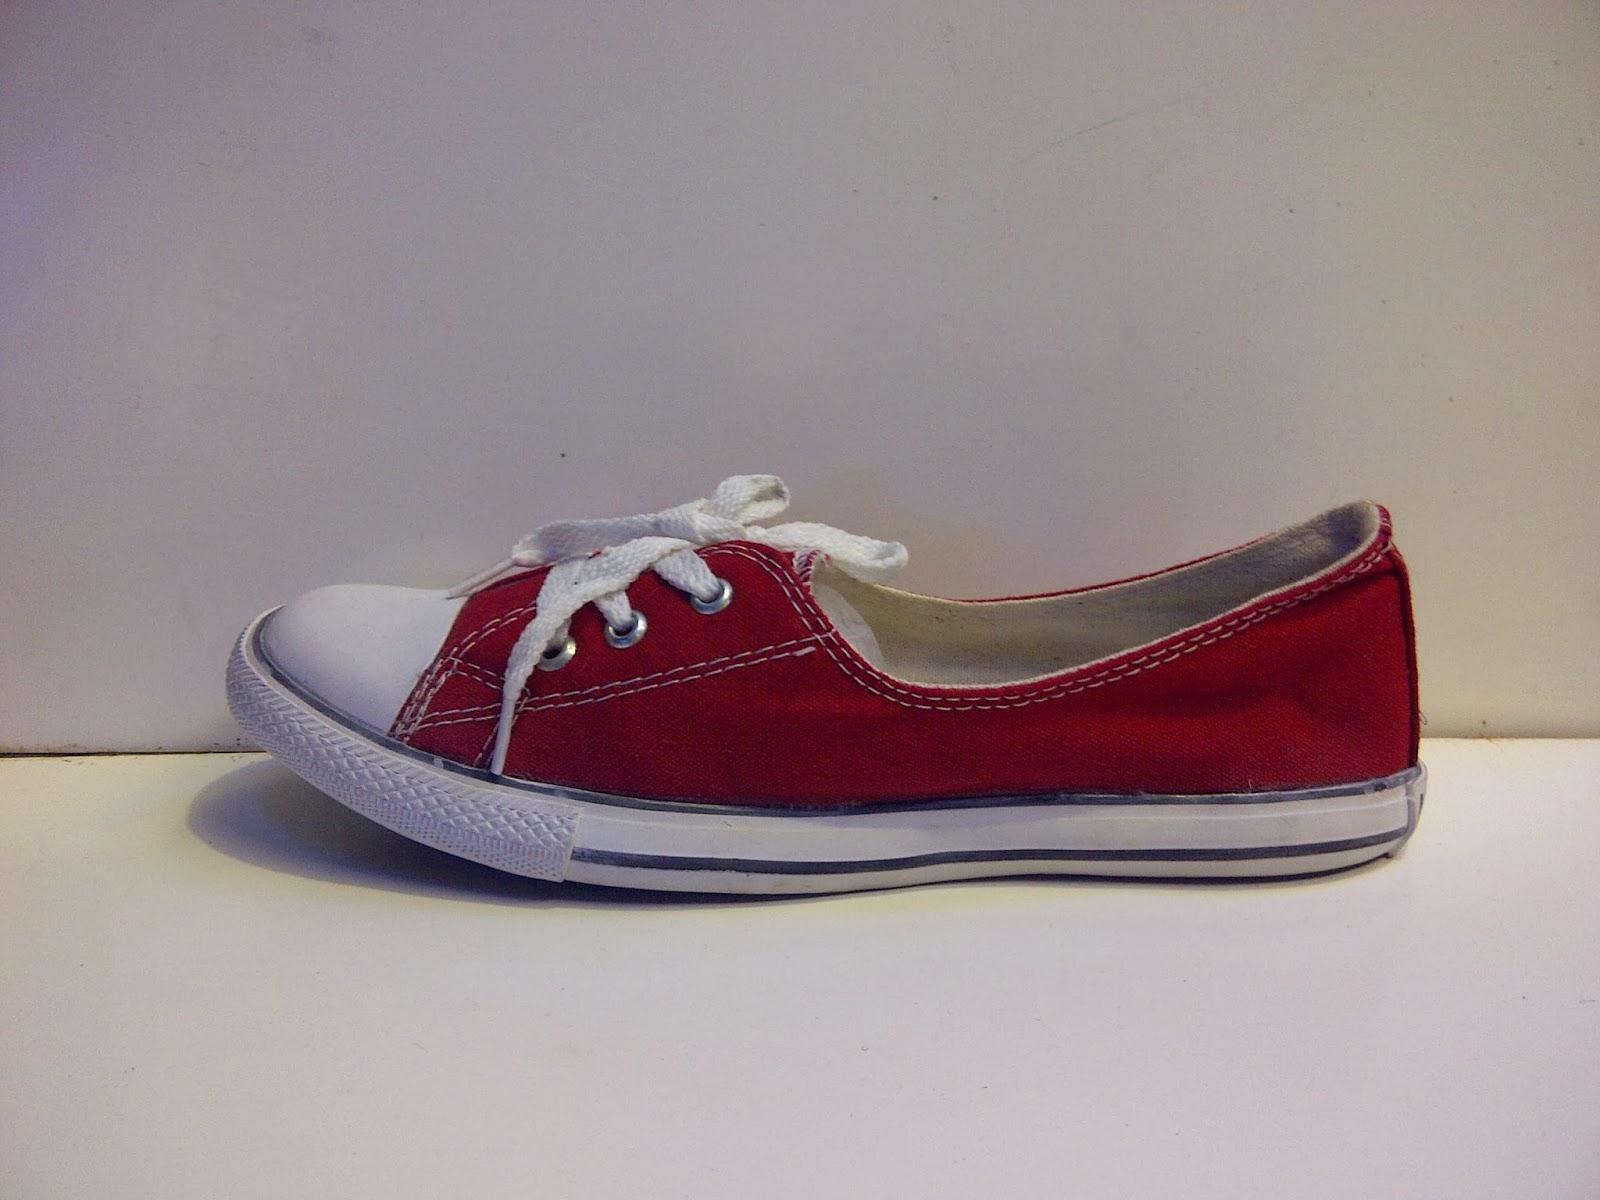 Sepatu converse women's